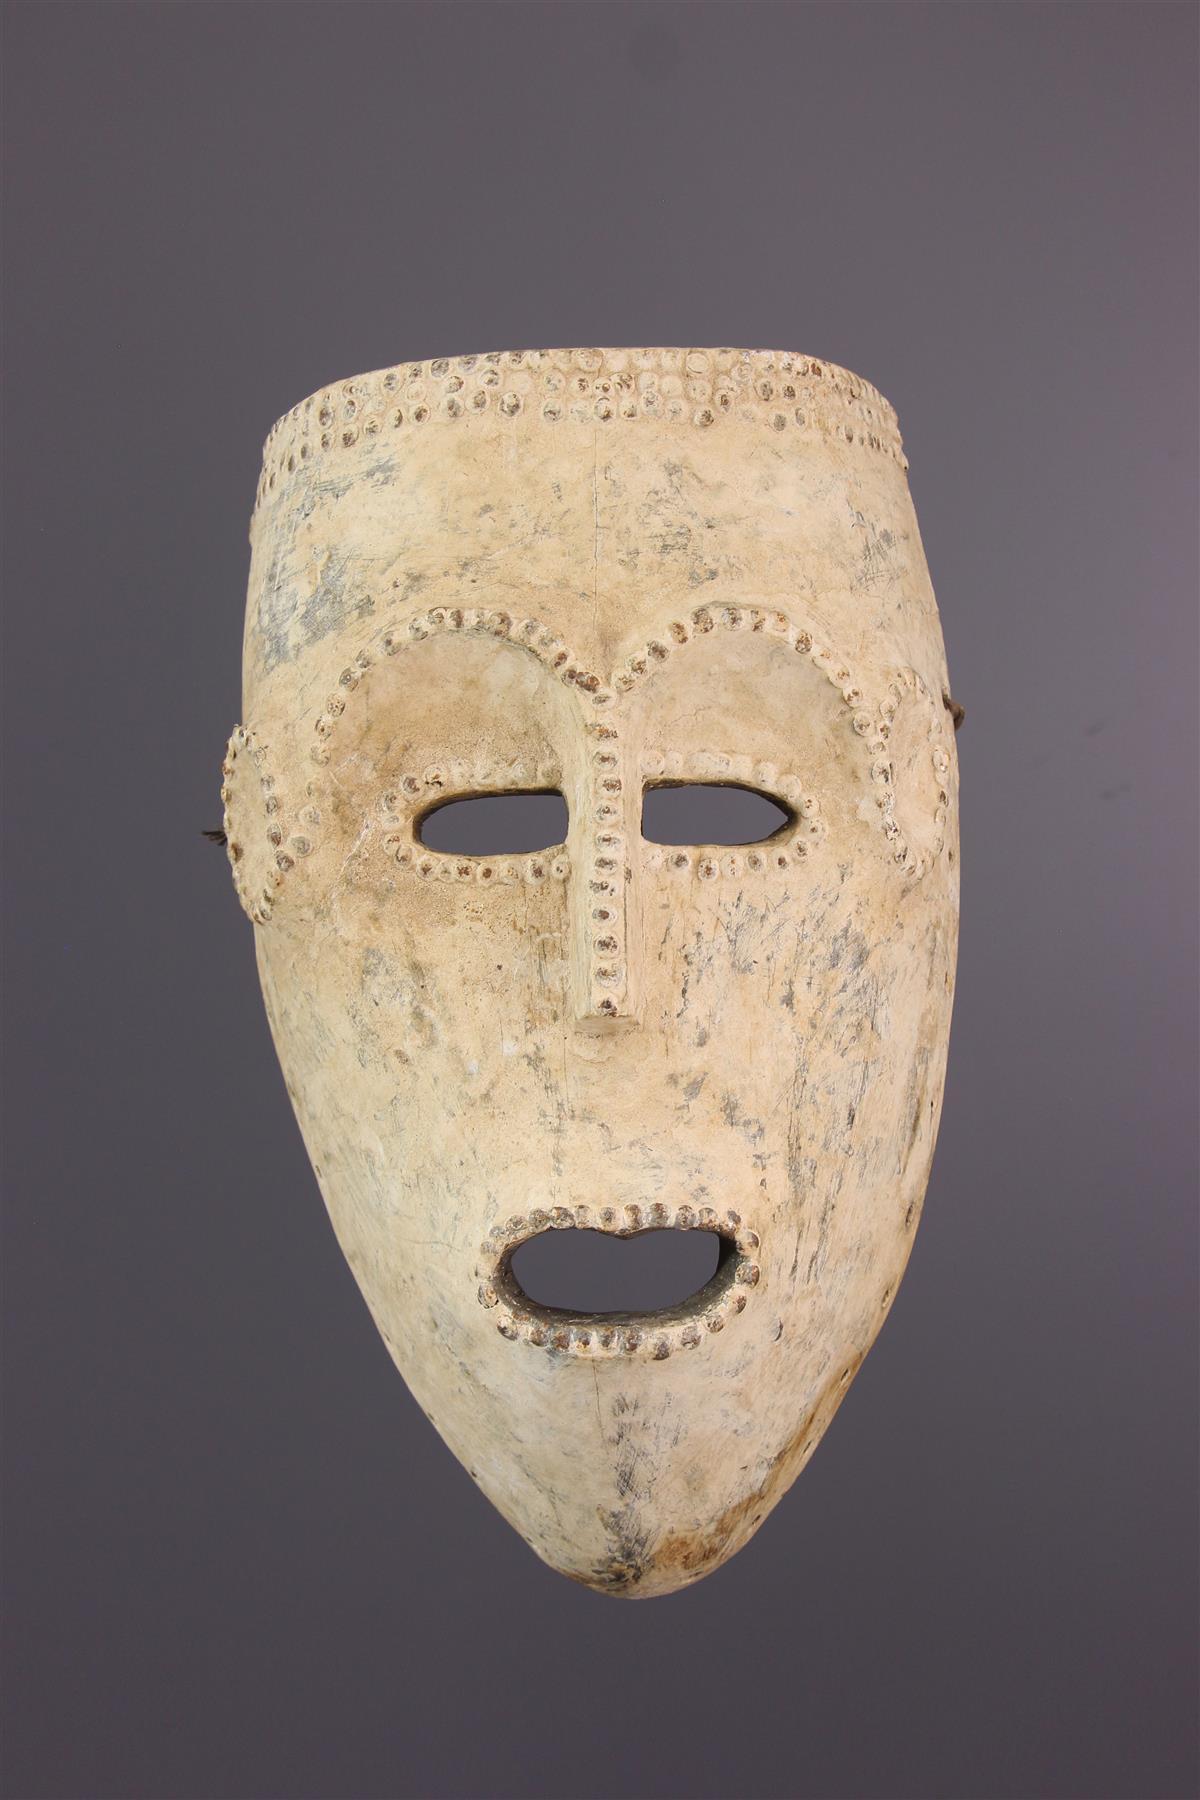 Masque Kumu - Tribal art